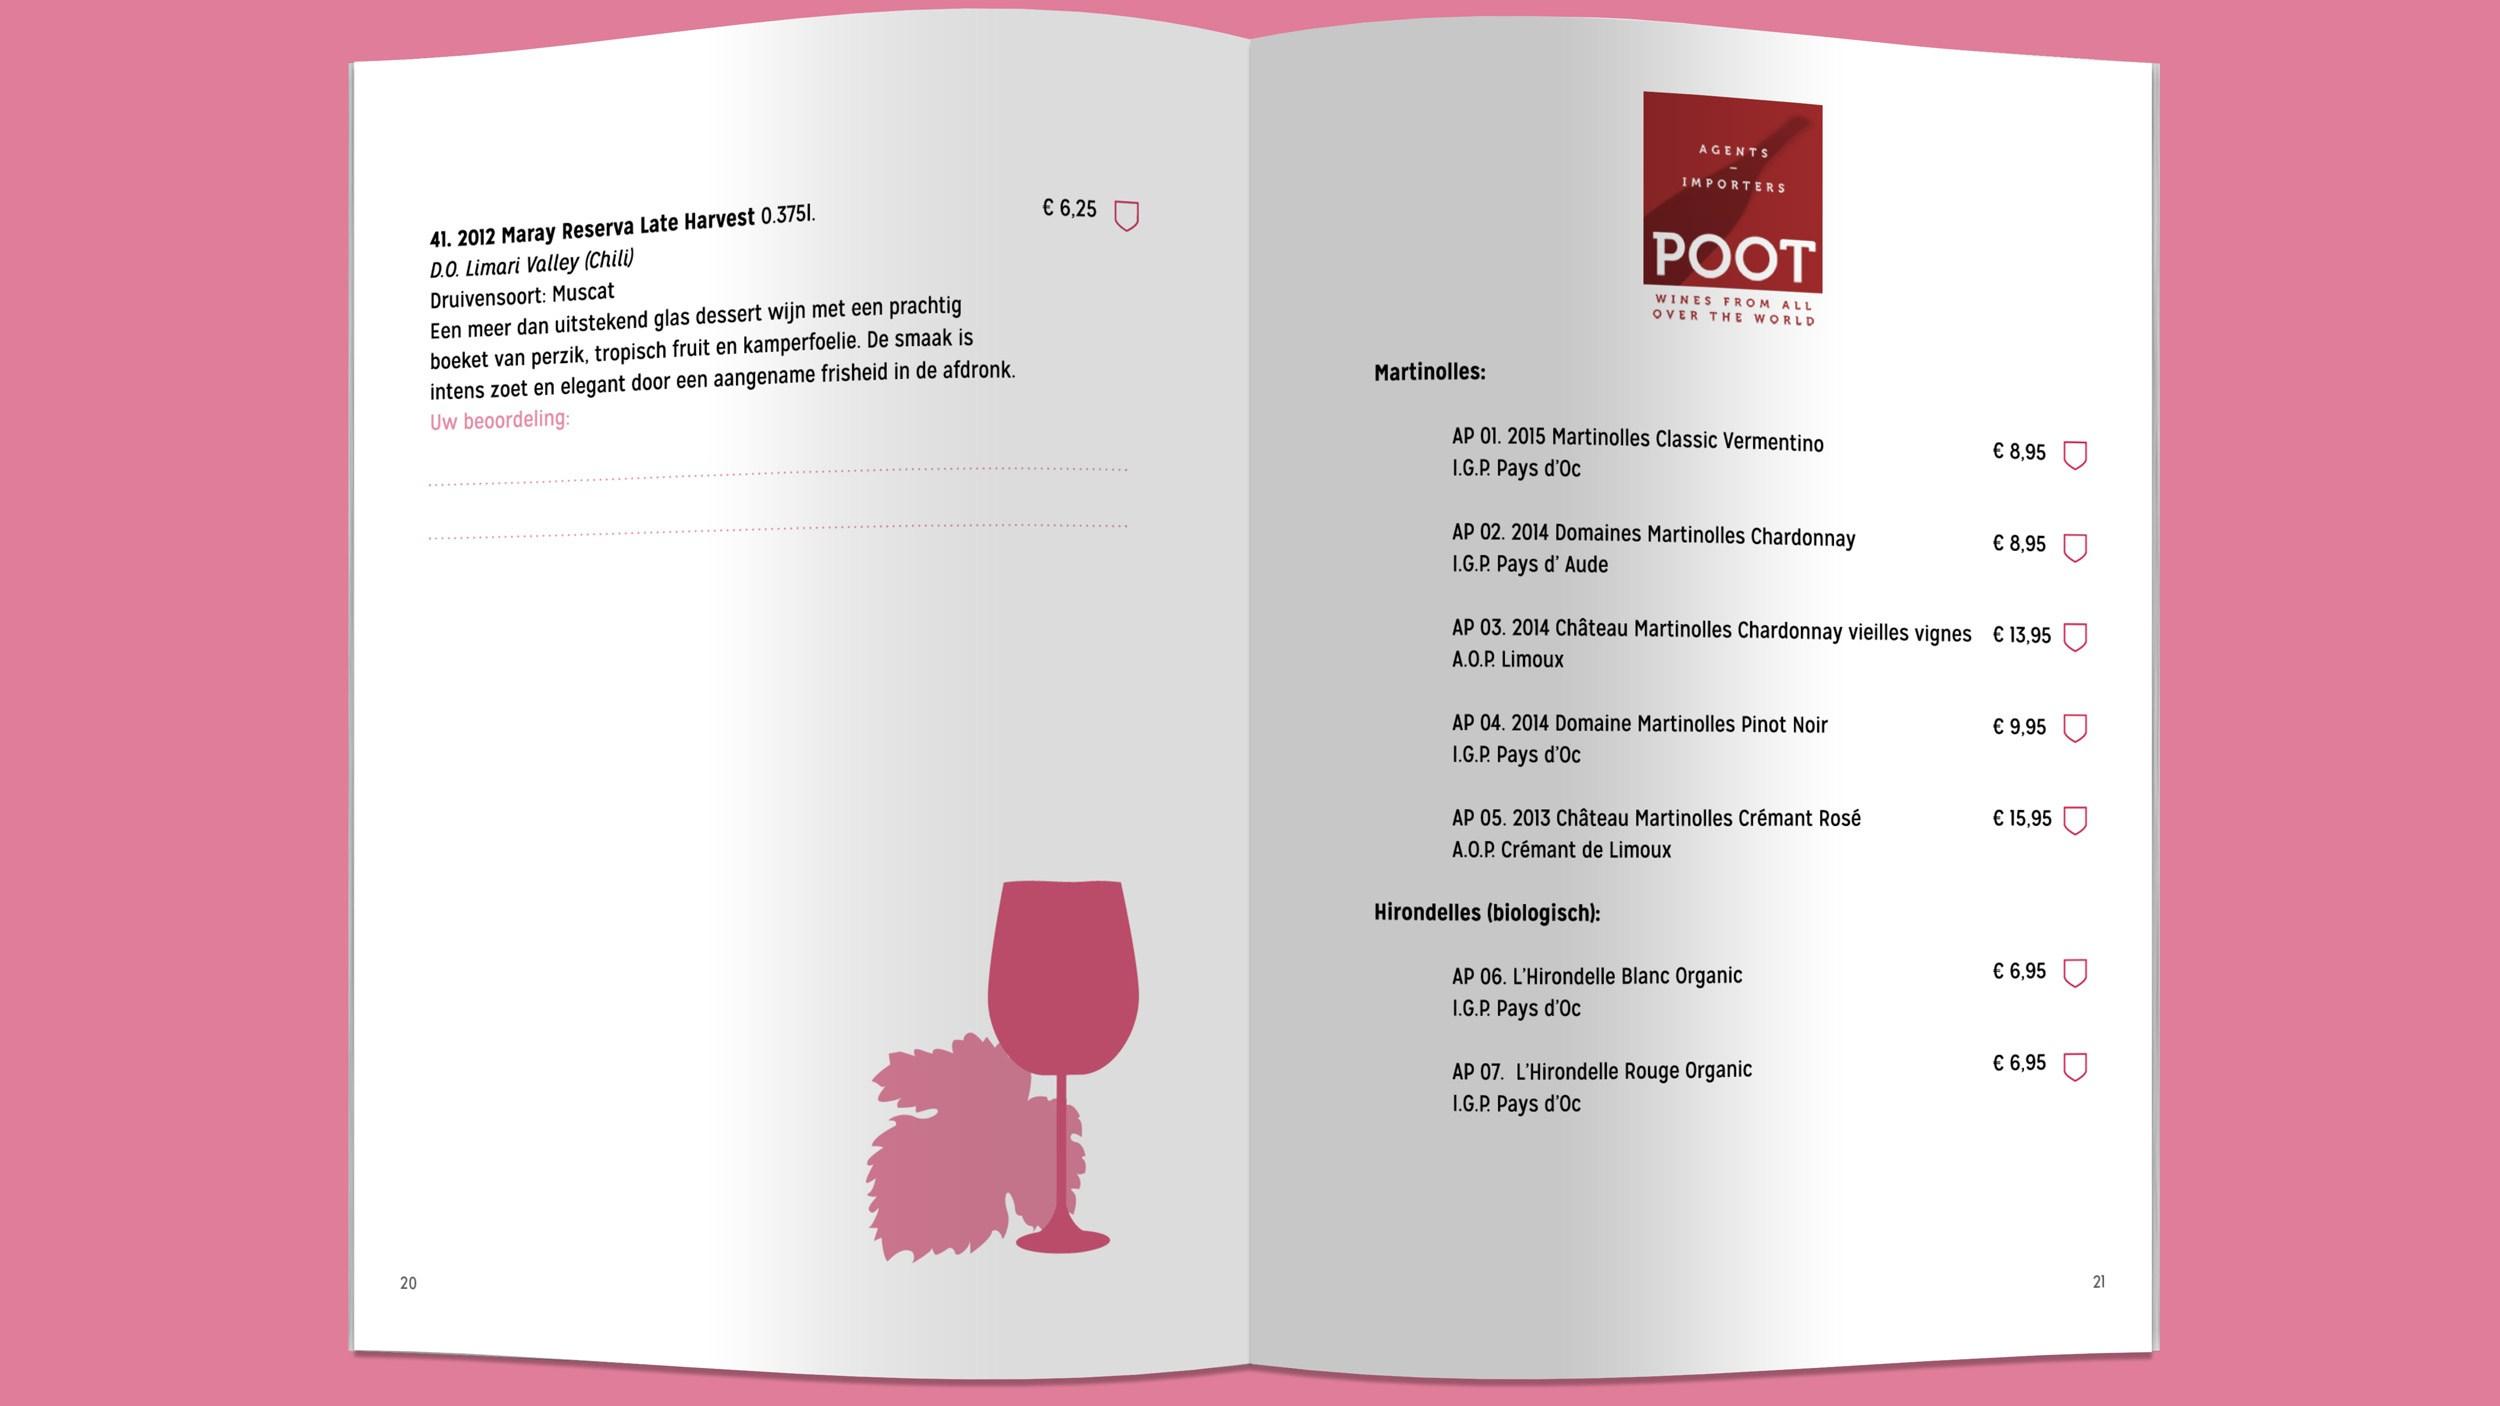 De Ridder, wijn, bier en lekkernijen, boekje, Mixus studio